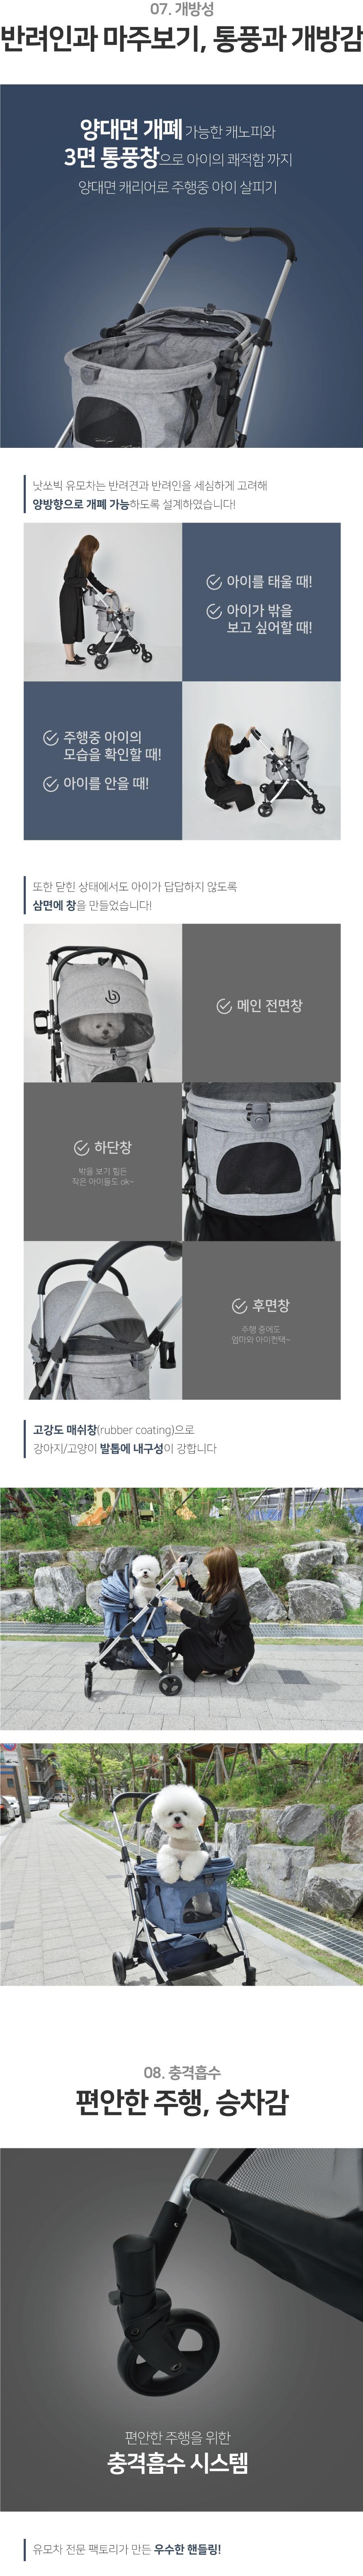 낫쏘빅 도로시 유모차 (펠리스그레이/캐니스블루)-상품이미지-5